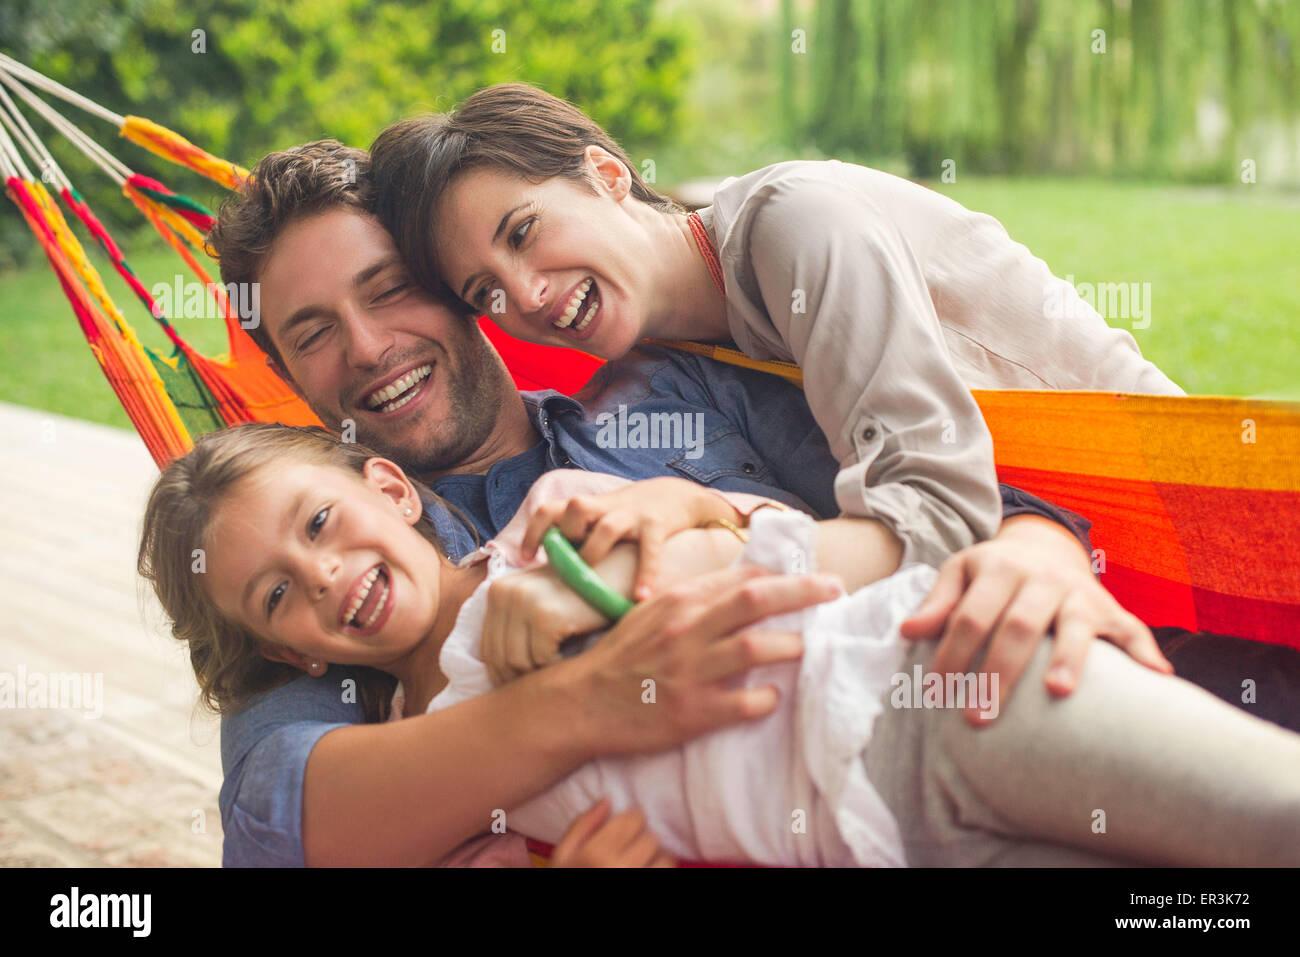 La famiglia gioca su amaca Immagini Stock